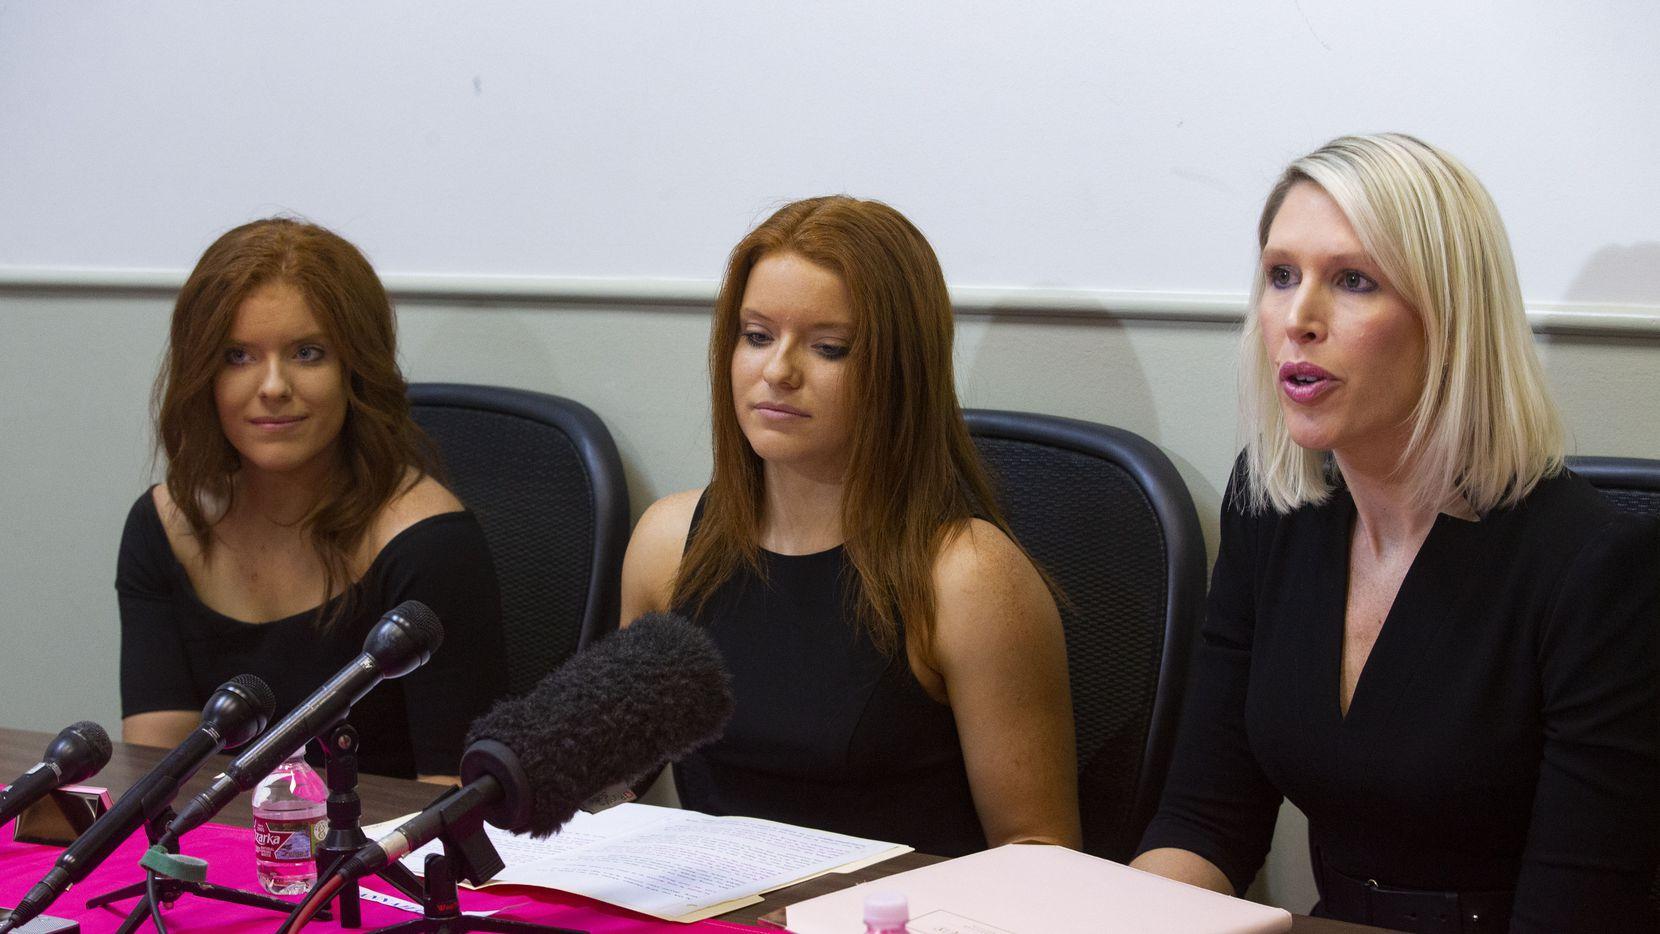 Jessica y Hannah Gerlacher junto a su abogada Michelle Simpson Tuegel (der.) durante una presentación de su demanda el lunes por la mañana.